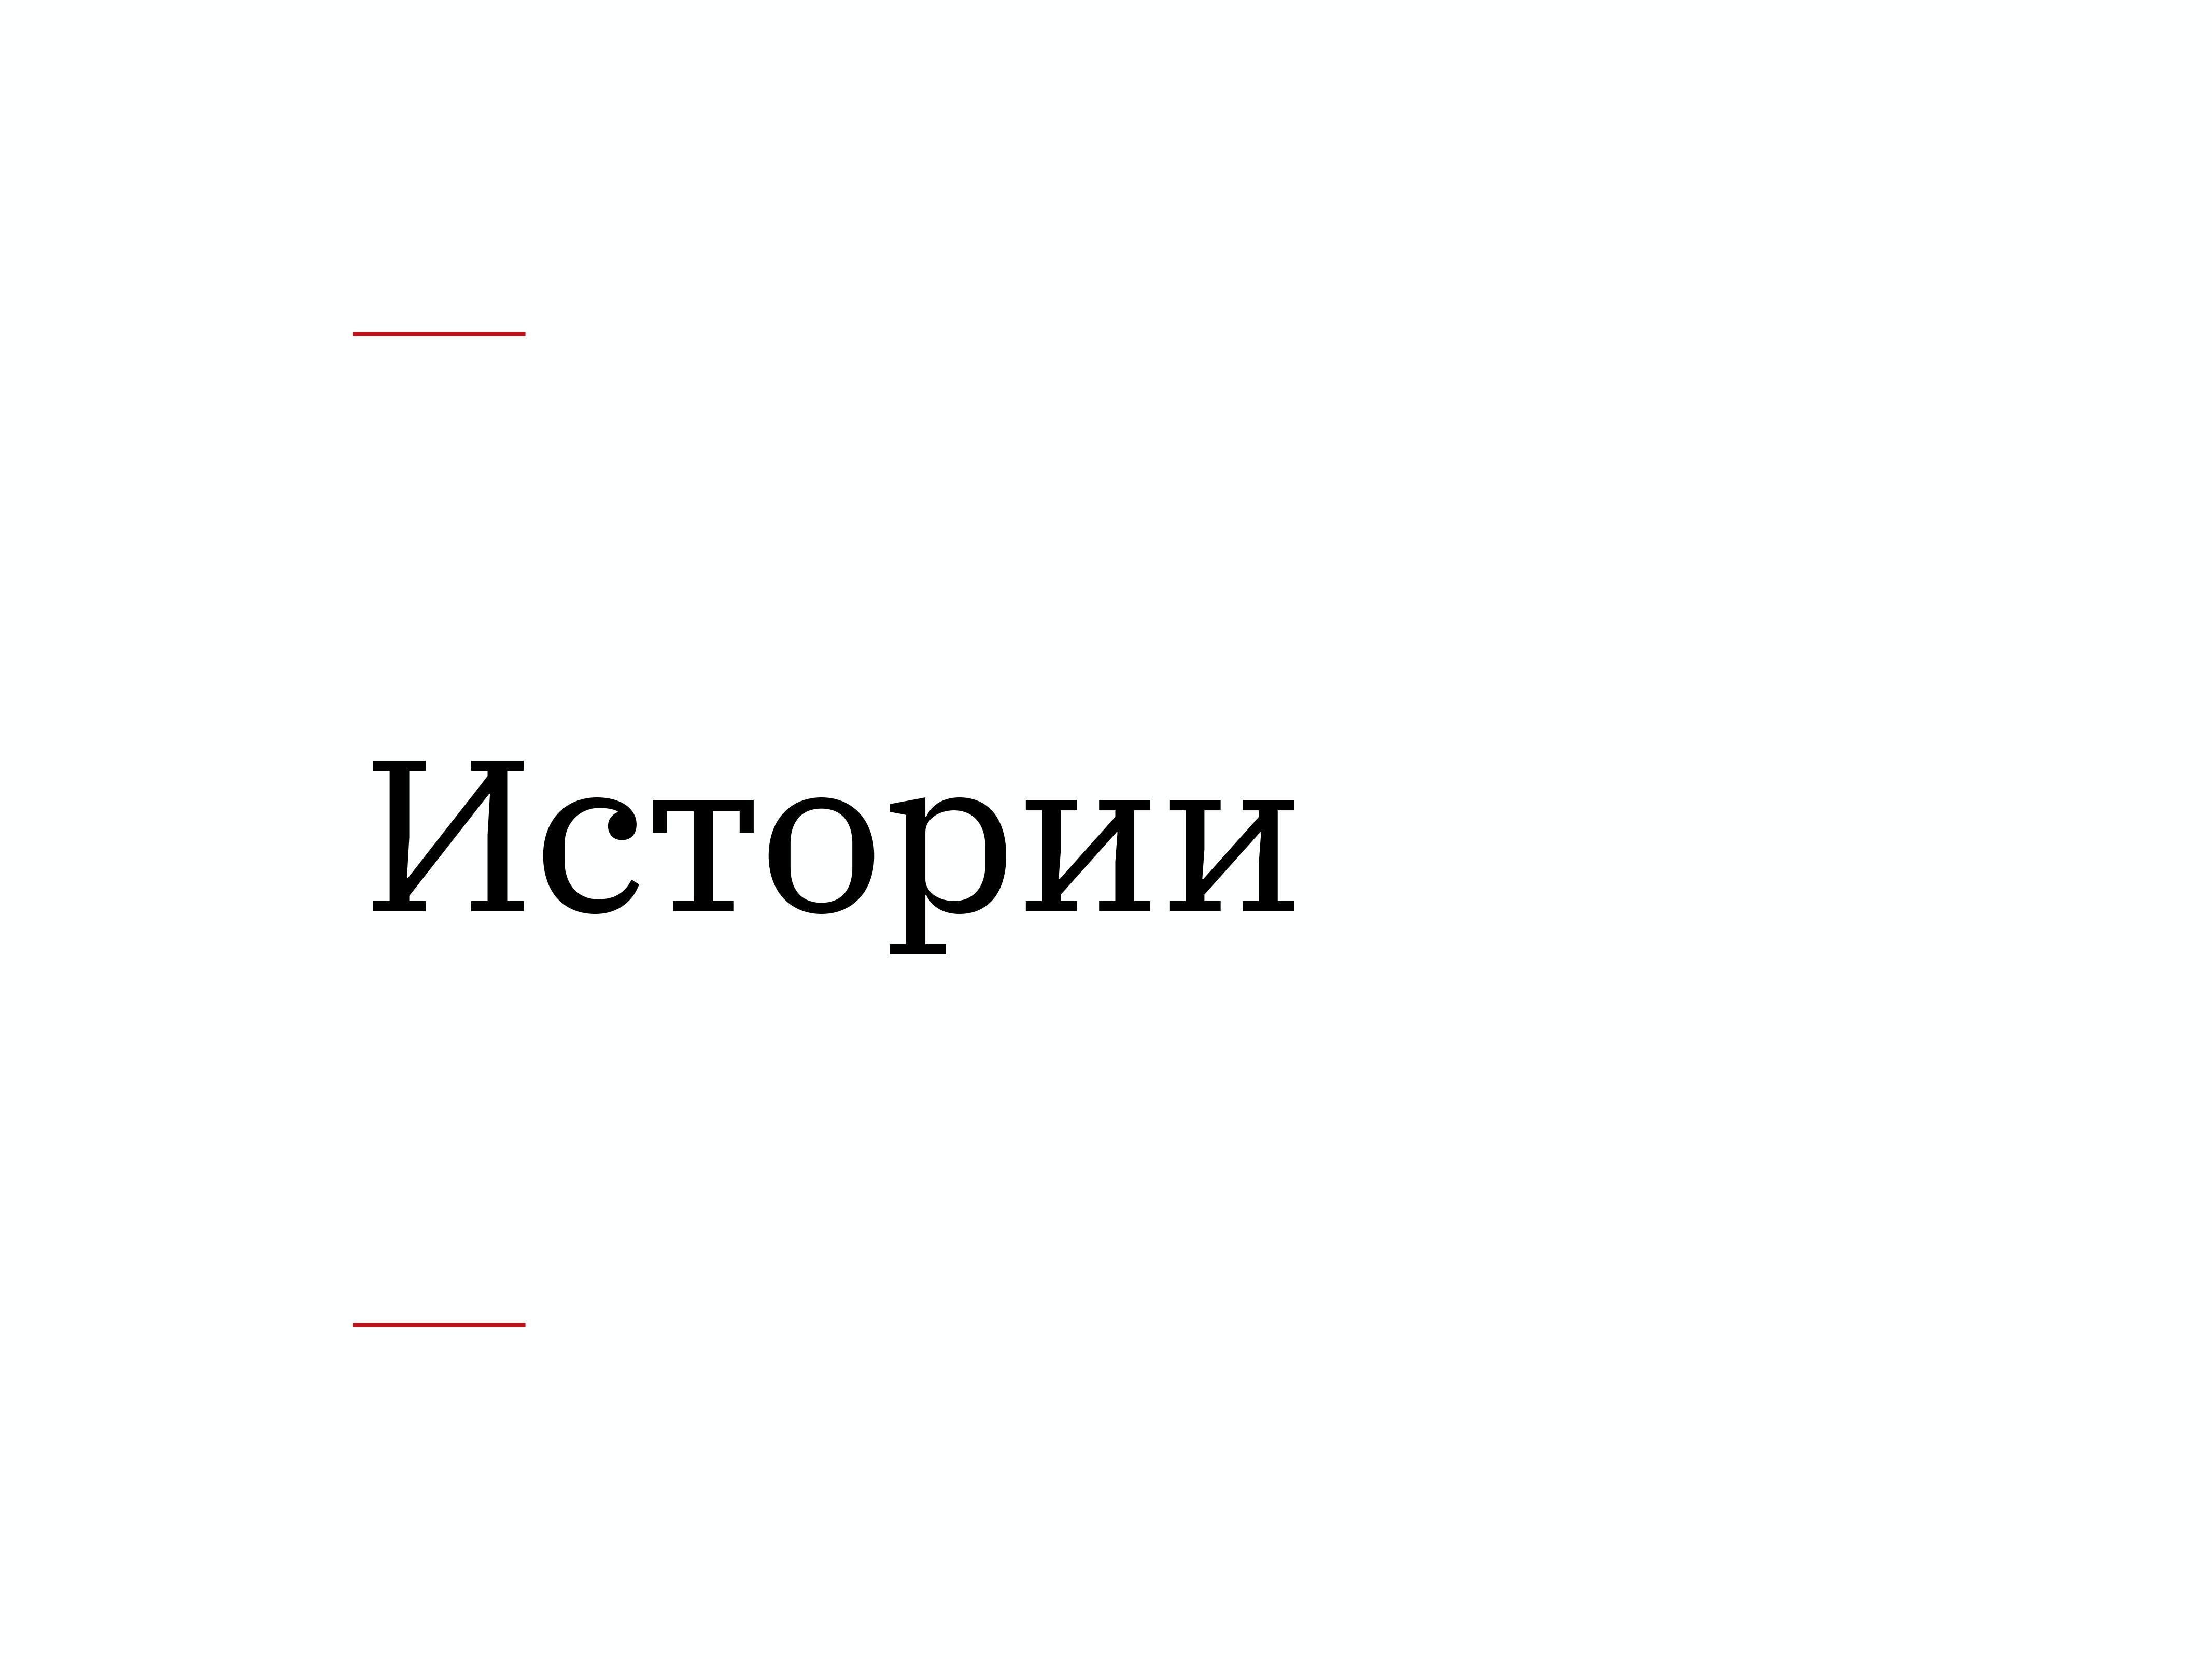 Алексей Каптерев: Критическое мышление 101 (часть 2) - 28